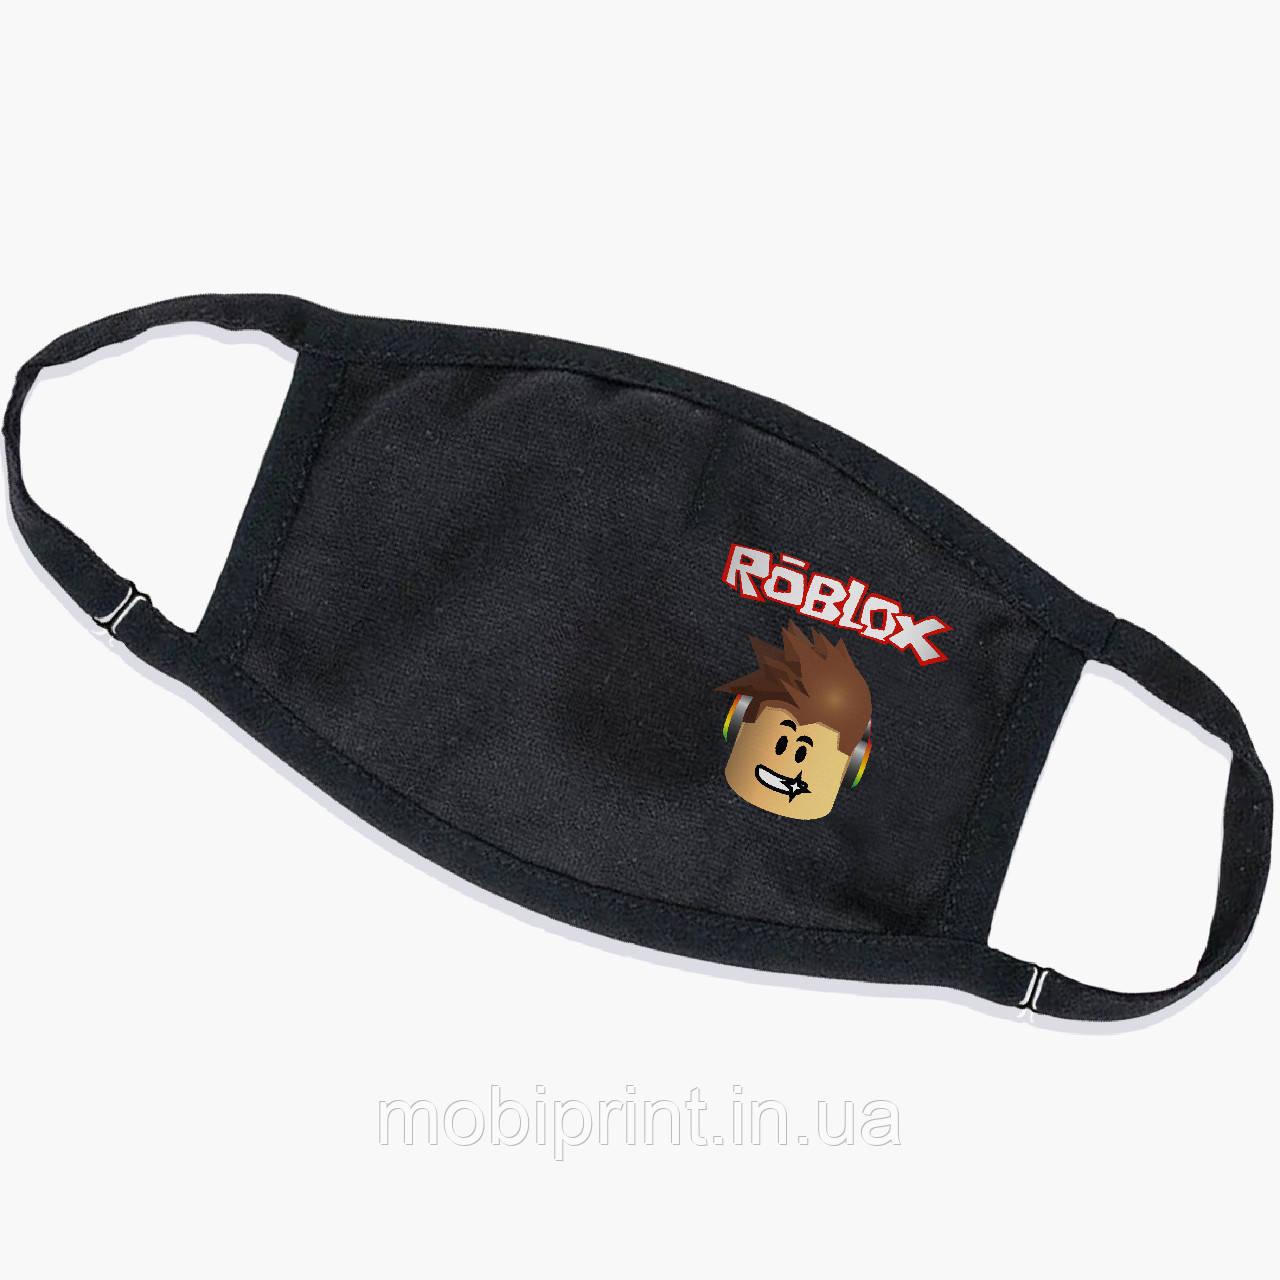 Багаторазова маска Роблокс (Roblox) (9259-1713) тканинна для дітей і дорослих захисна